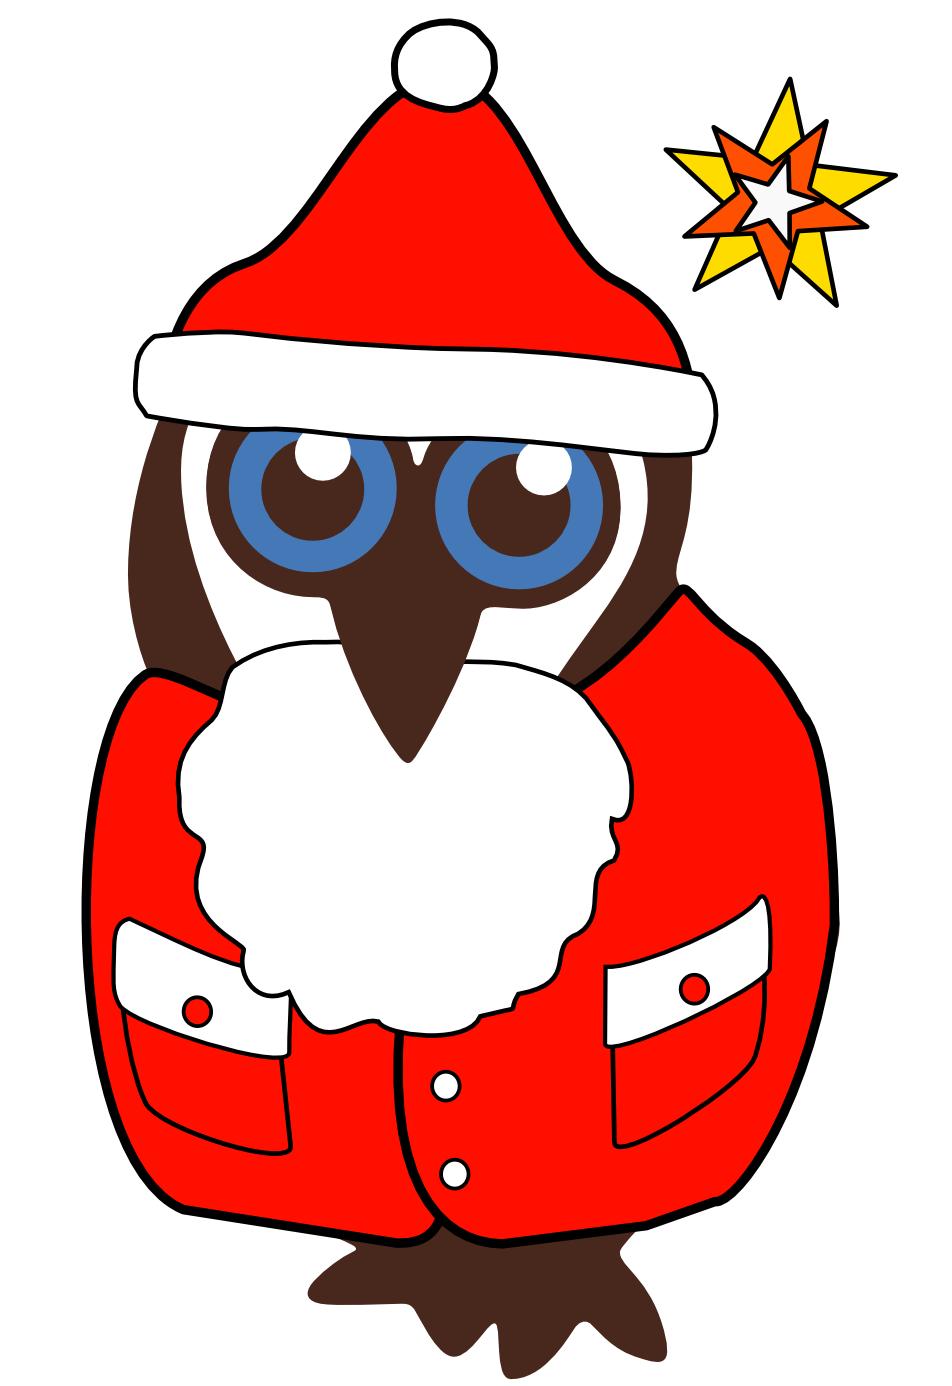 Hibou_Weihnachtsmann